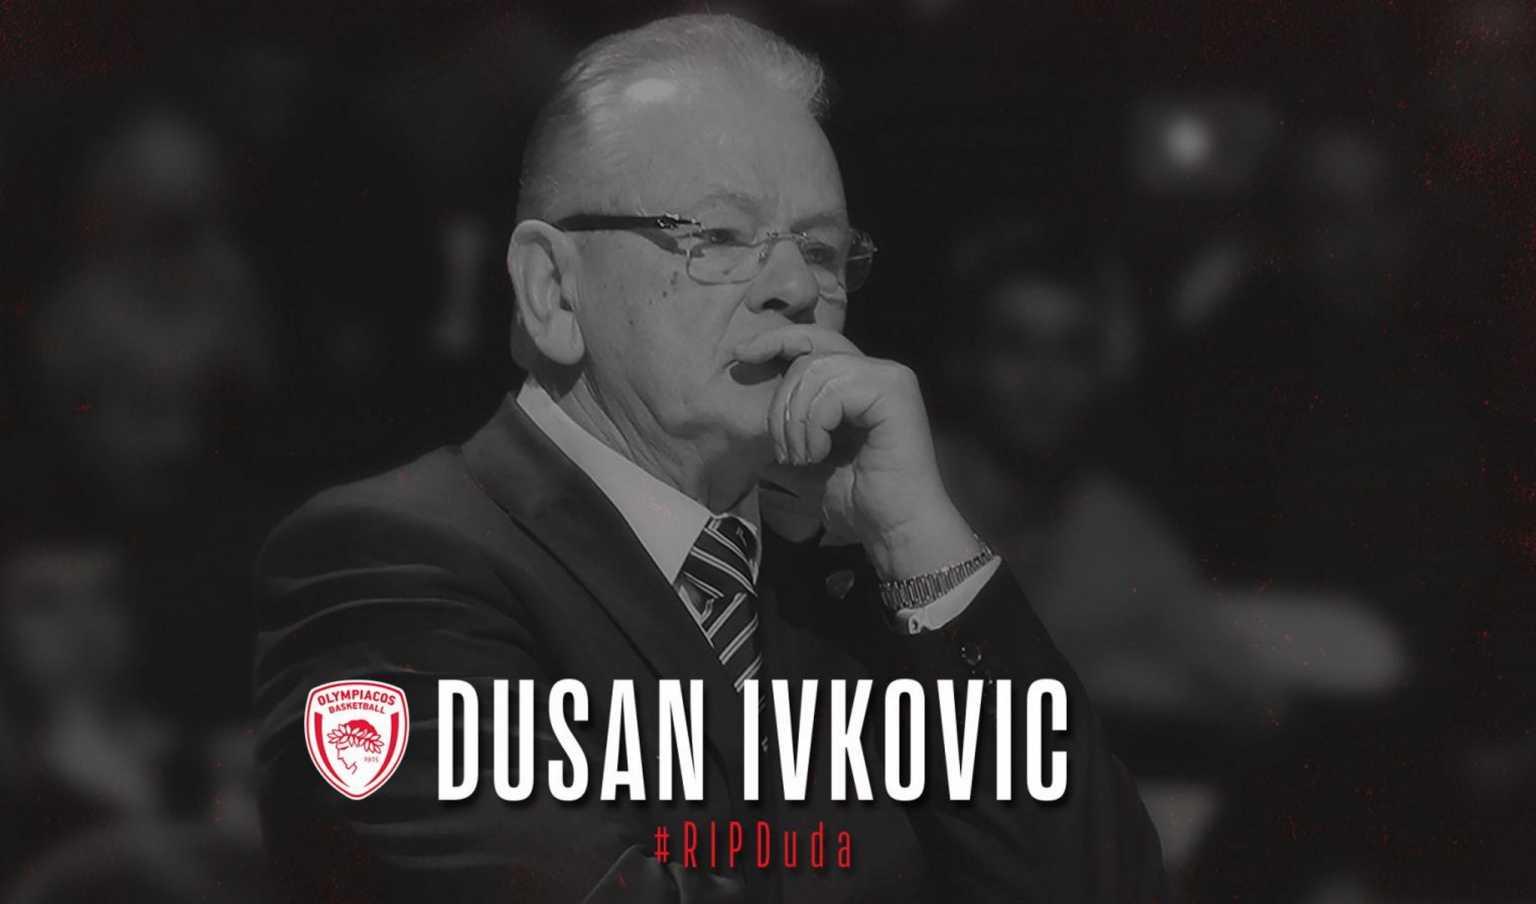 Ντούσαν Ίβκοβιτς: Συντετριμμένοι στην ΚΑΕ Ολυμπιακός – «Έφυγε ο μεγαλύτερος όλων»